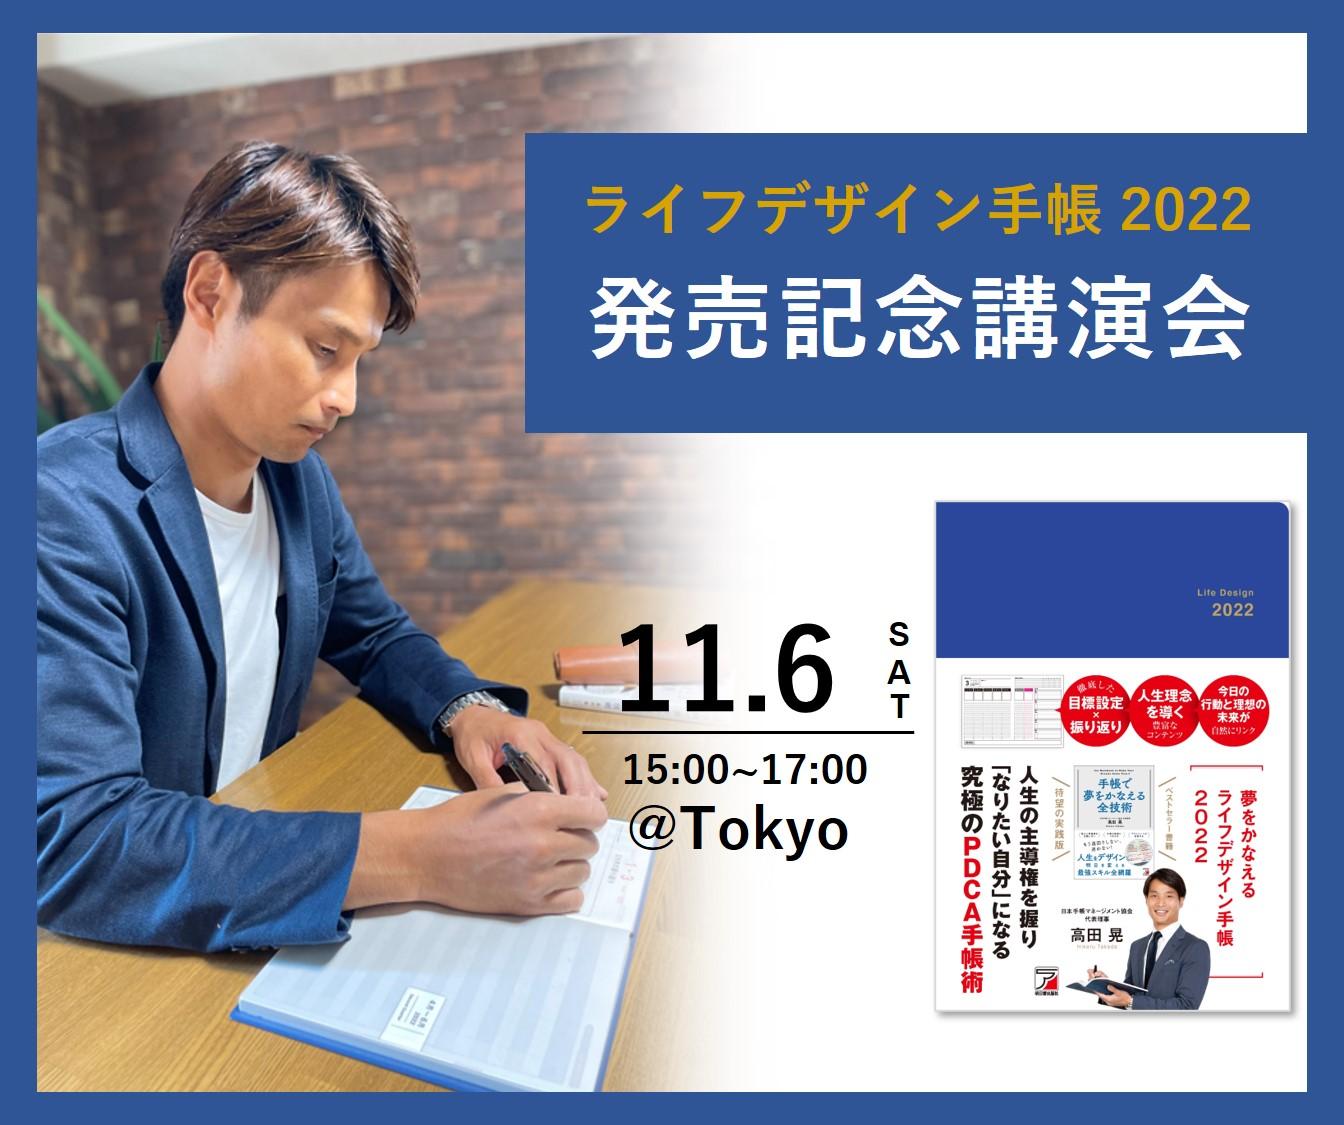 ライフデザイン手帳2022 発売記念講演会